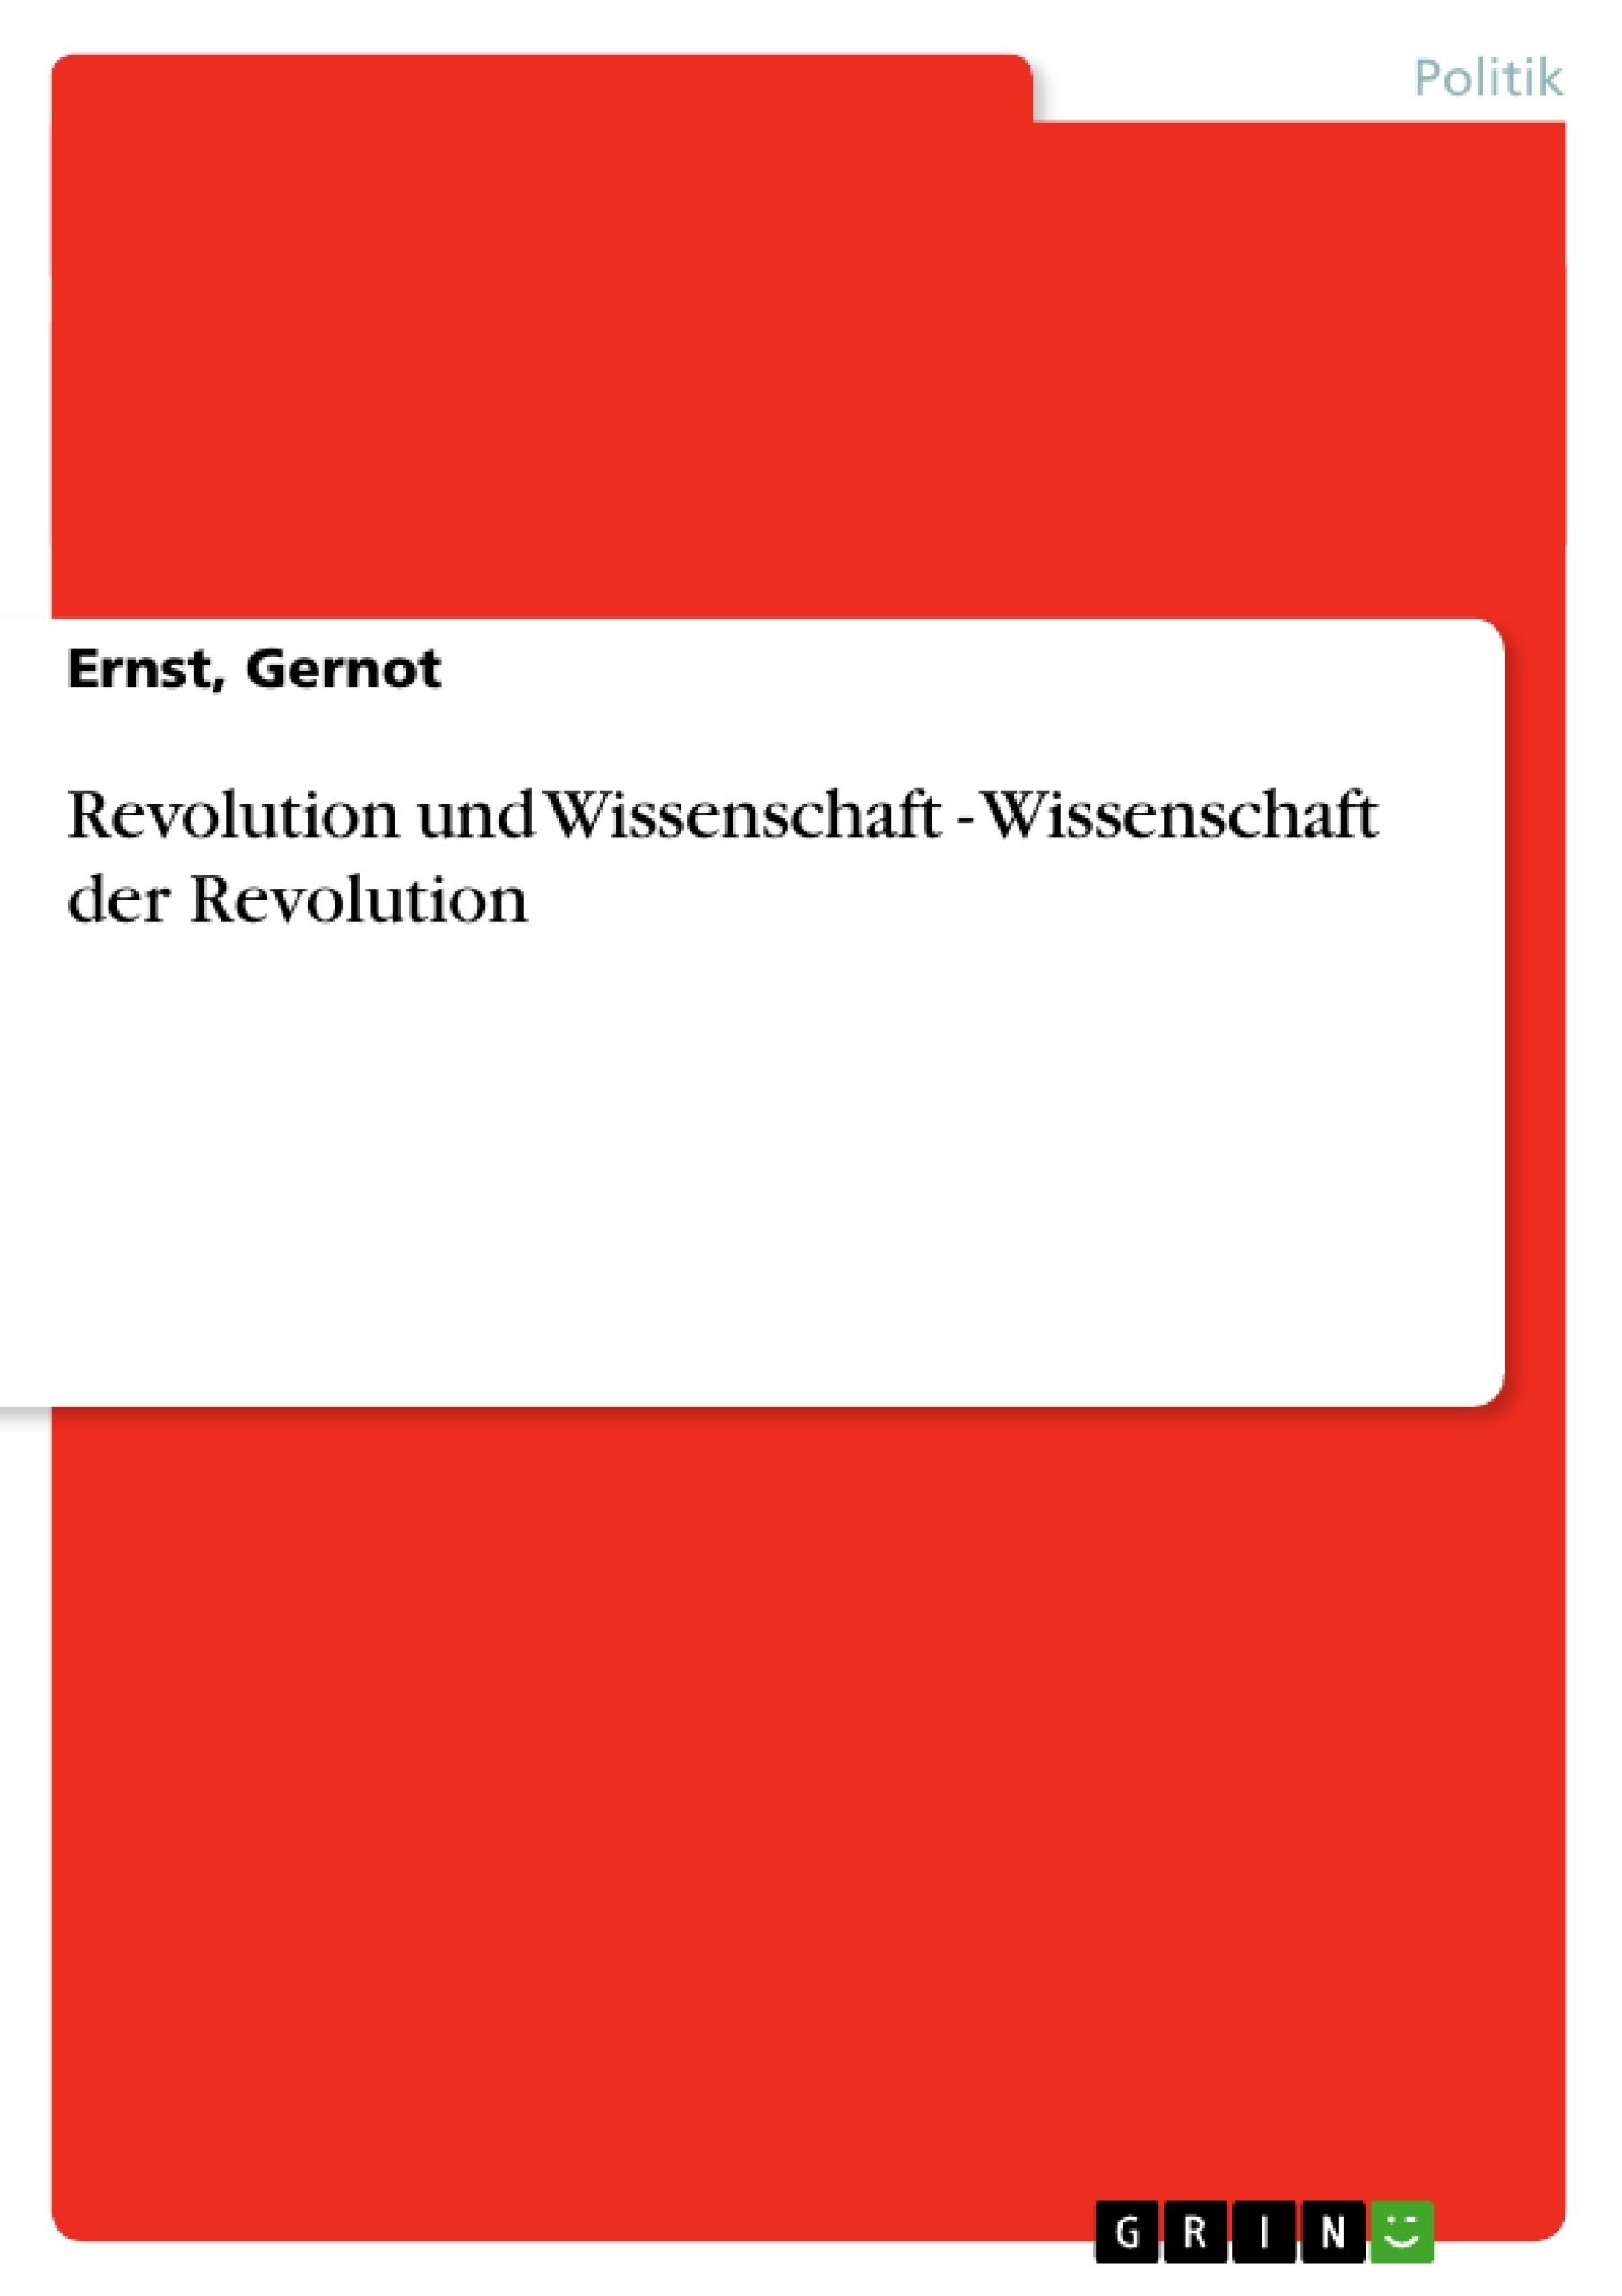 Titel: Revolution und Wissenschaft - Wissenschaft der Revolution